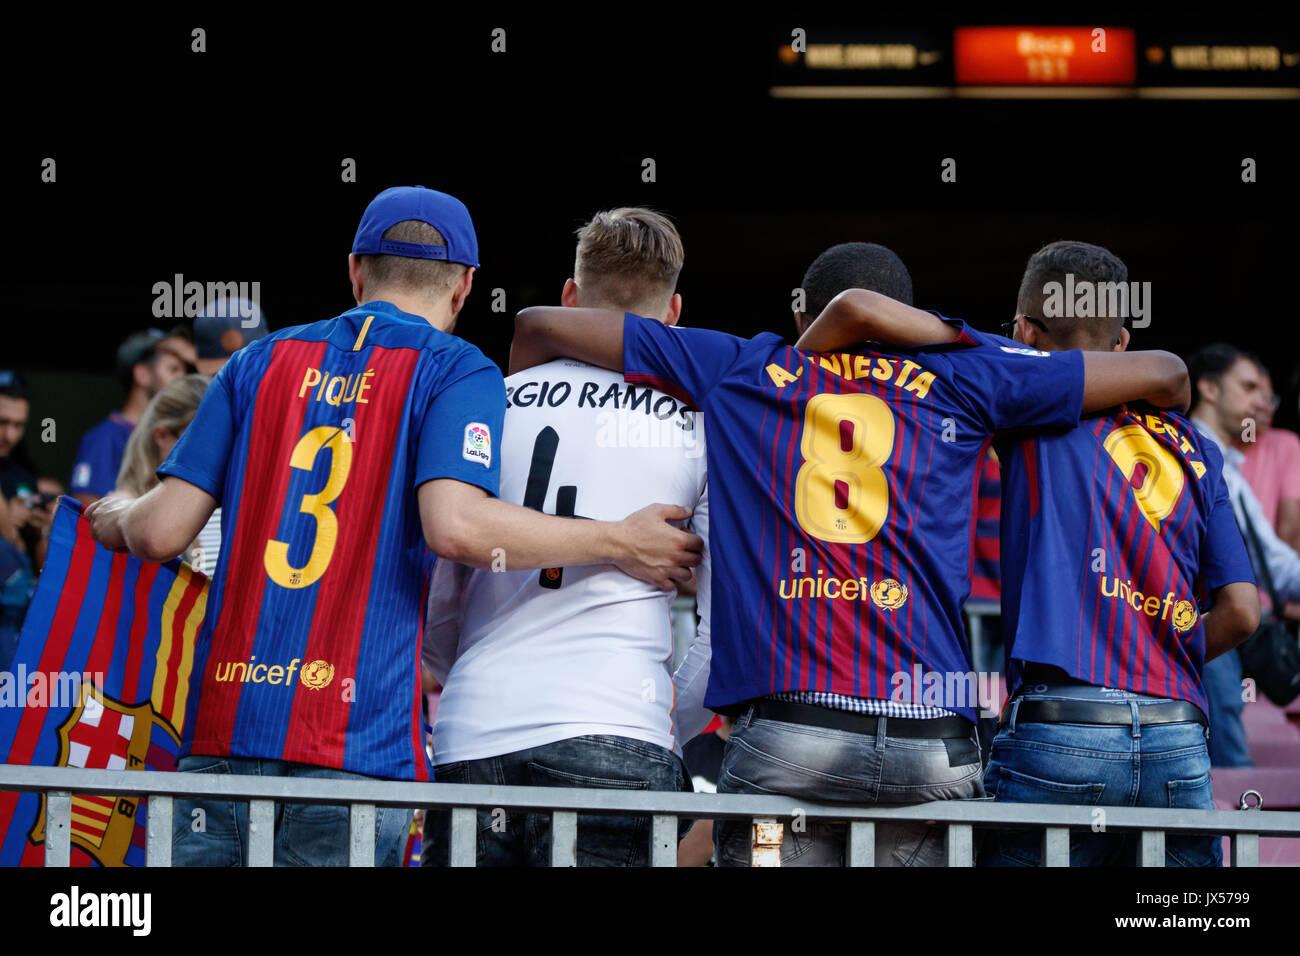 Camp Nou, Barcelona, Espagne. 13 août, 2017. Super Coupe d'Espagne entre le FC Barcelone et le Real Madrid. Fans Banque D'Images